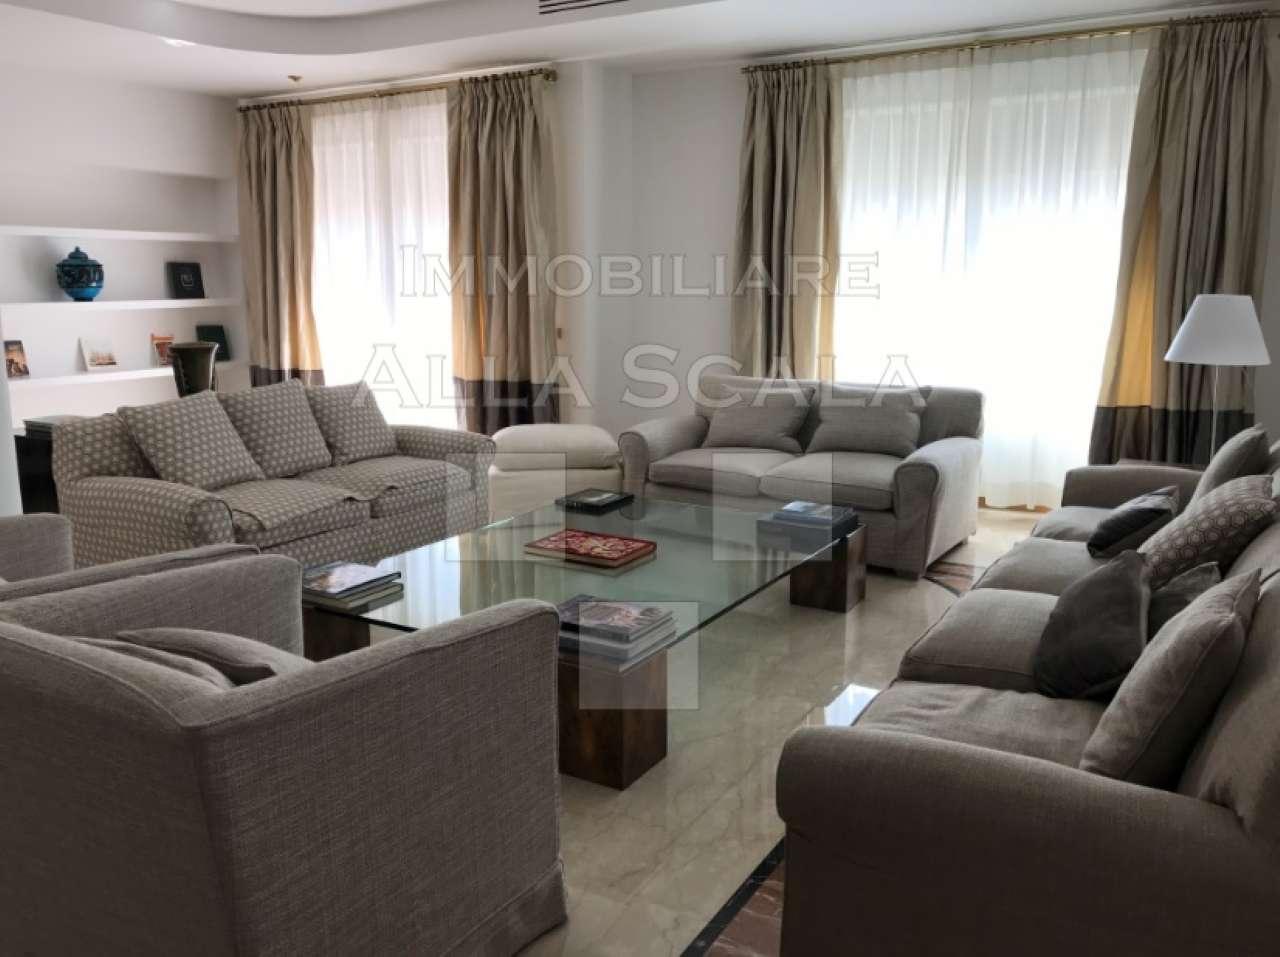 Appartamento in Affitto a Milano 01 Centro storico (Cerchia dei Navigli): 4 locali, 185 mq